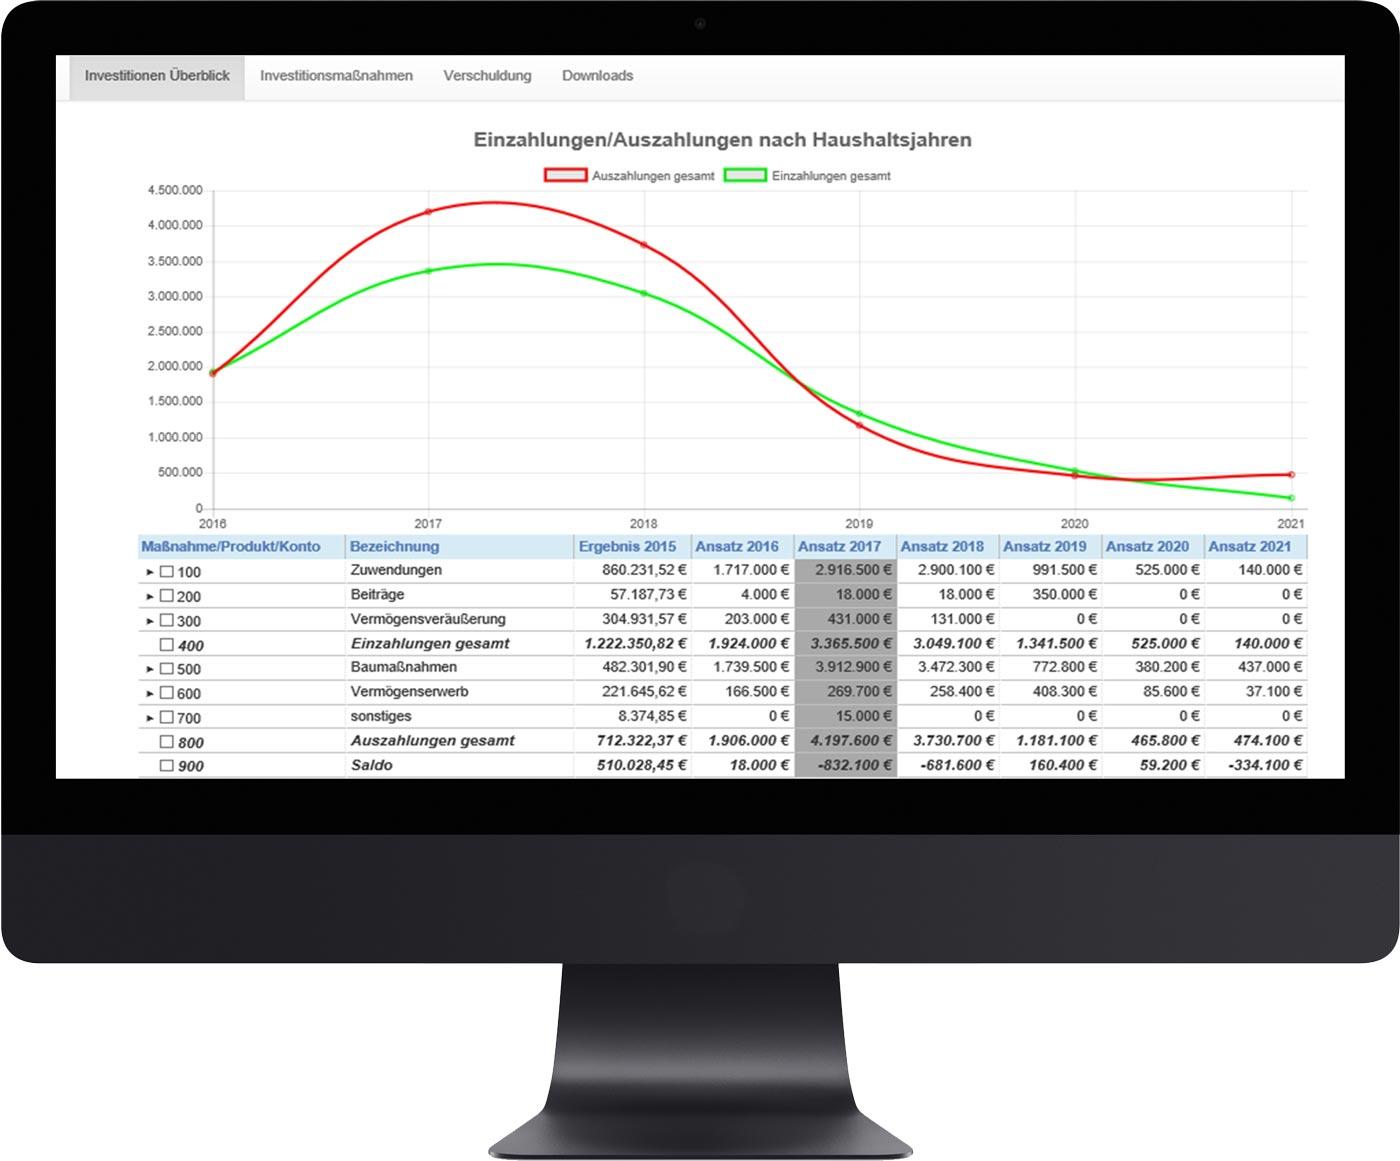 Übersicht der Investitionen in der Haushaltsübersicht auf PC-Bildschirm